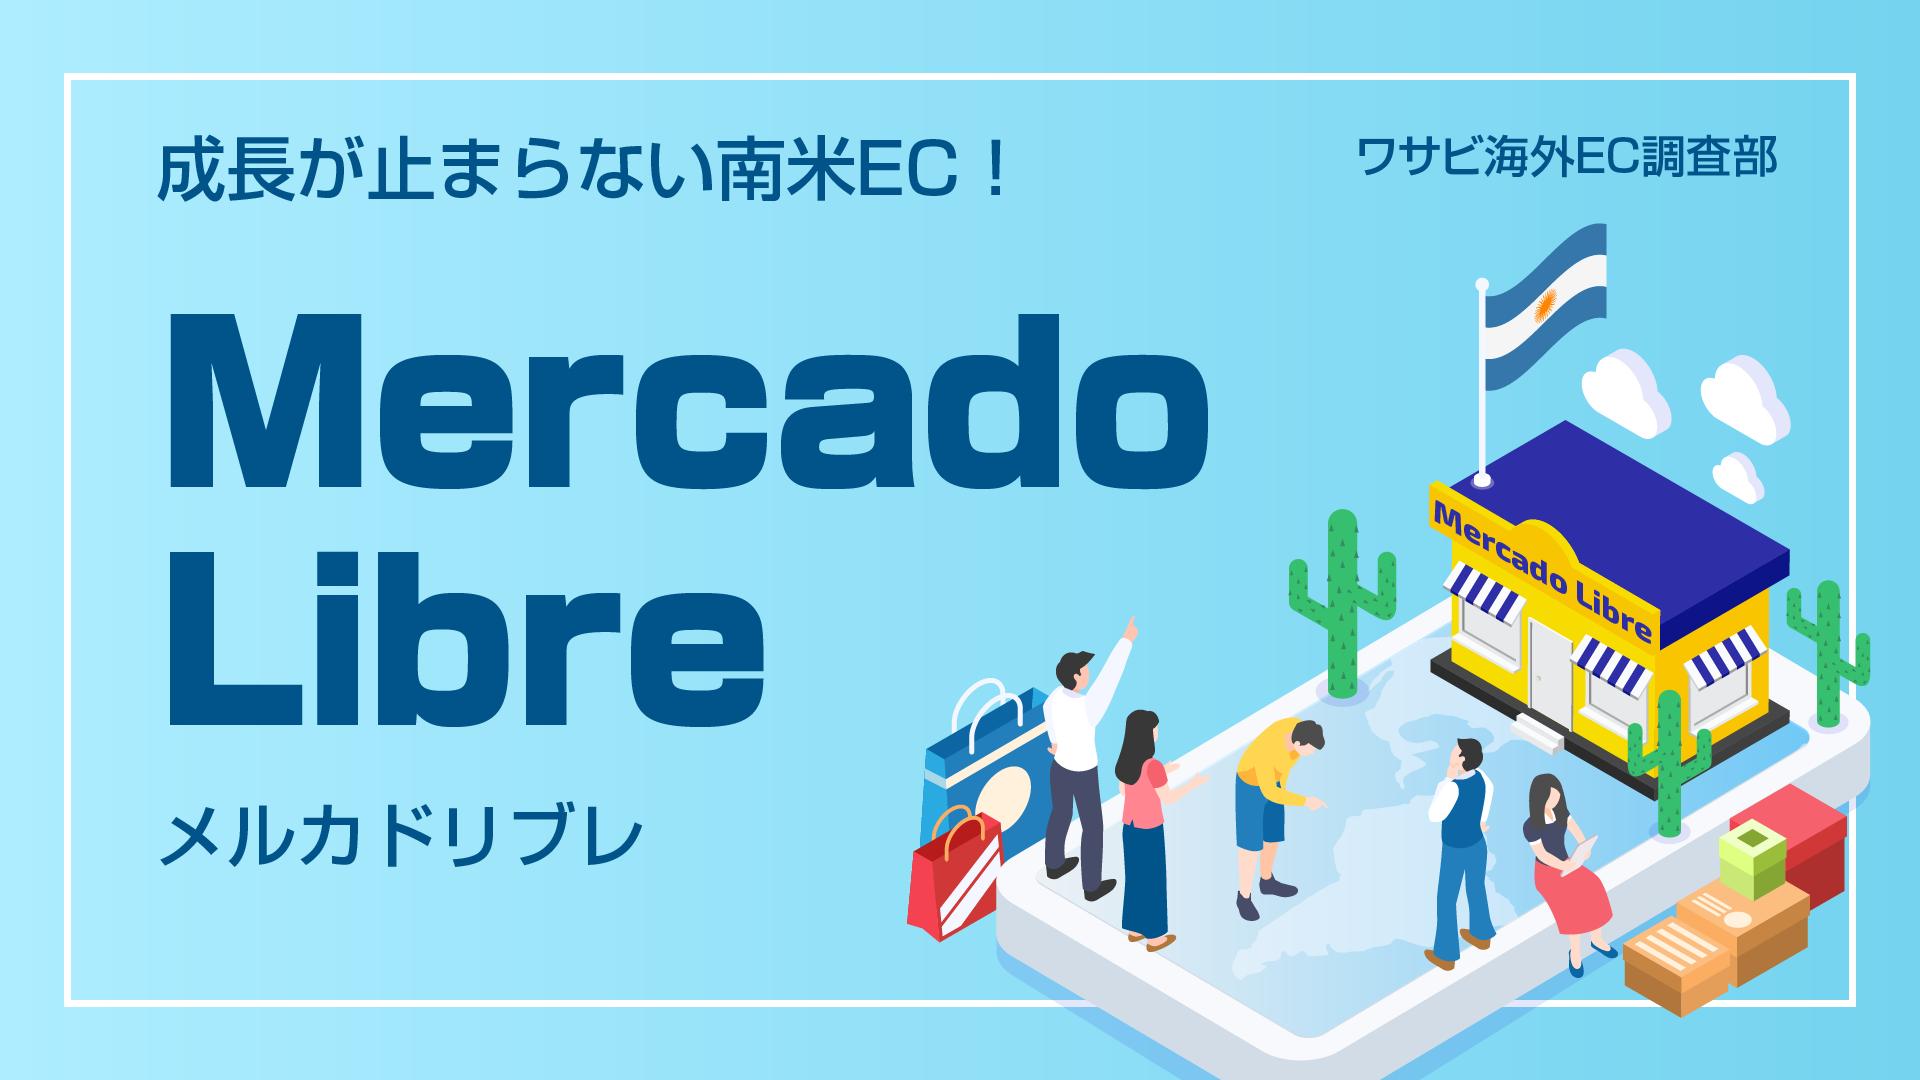 メルカドリブレ Eコマース オンラインショッピング